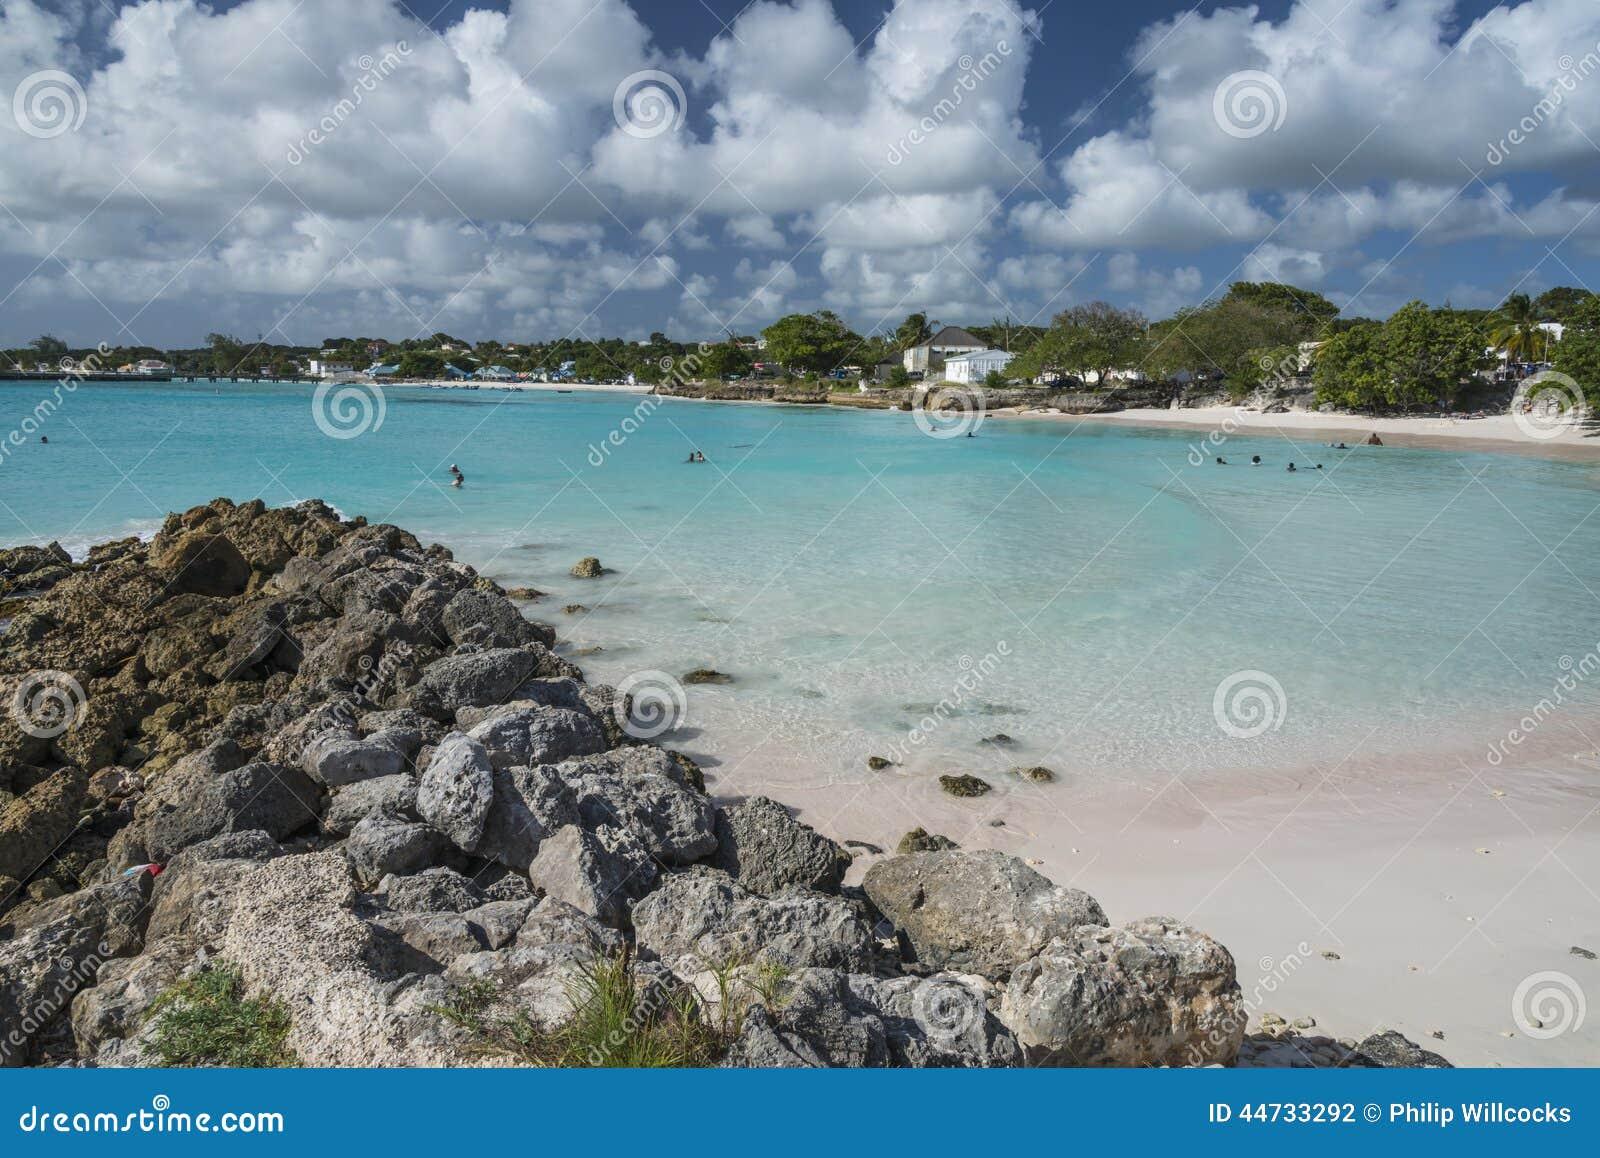 miami beach barbados caribbean editorial photography - image